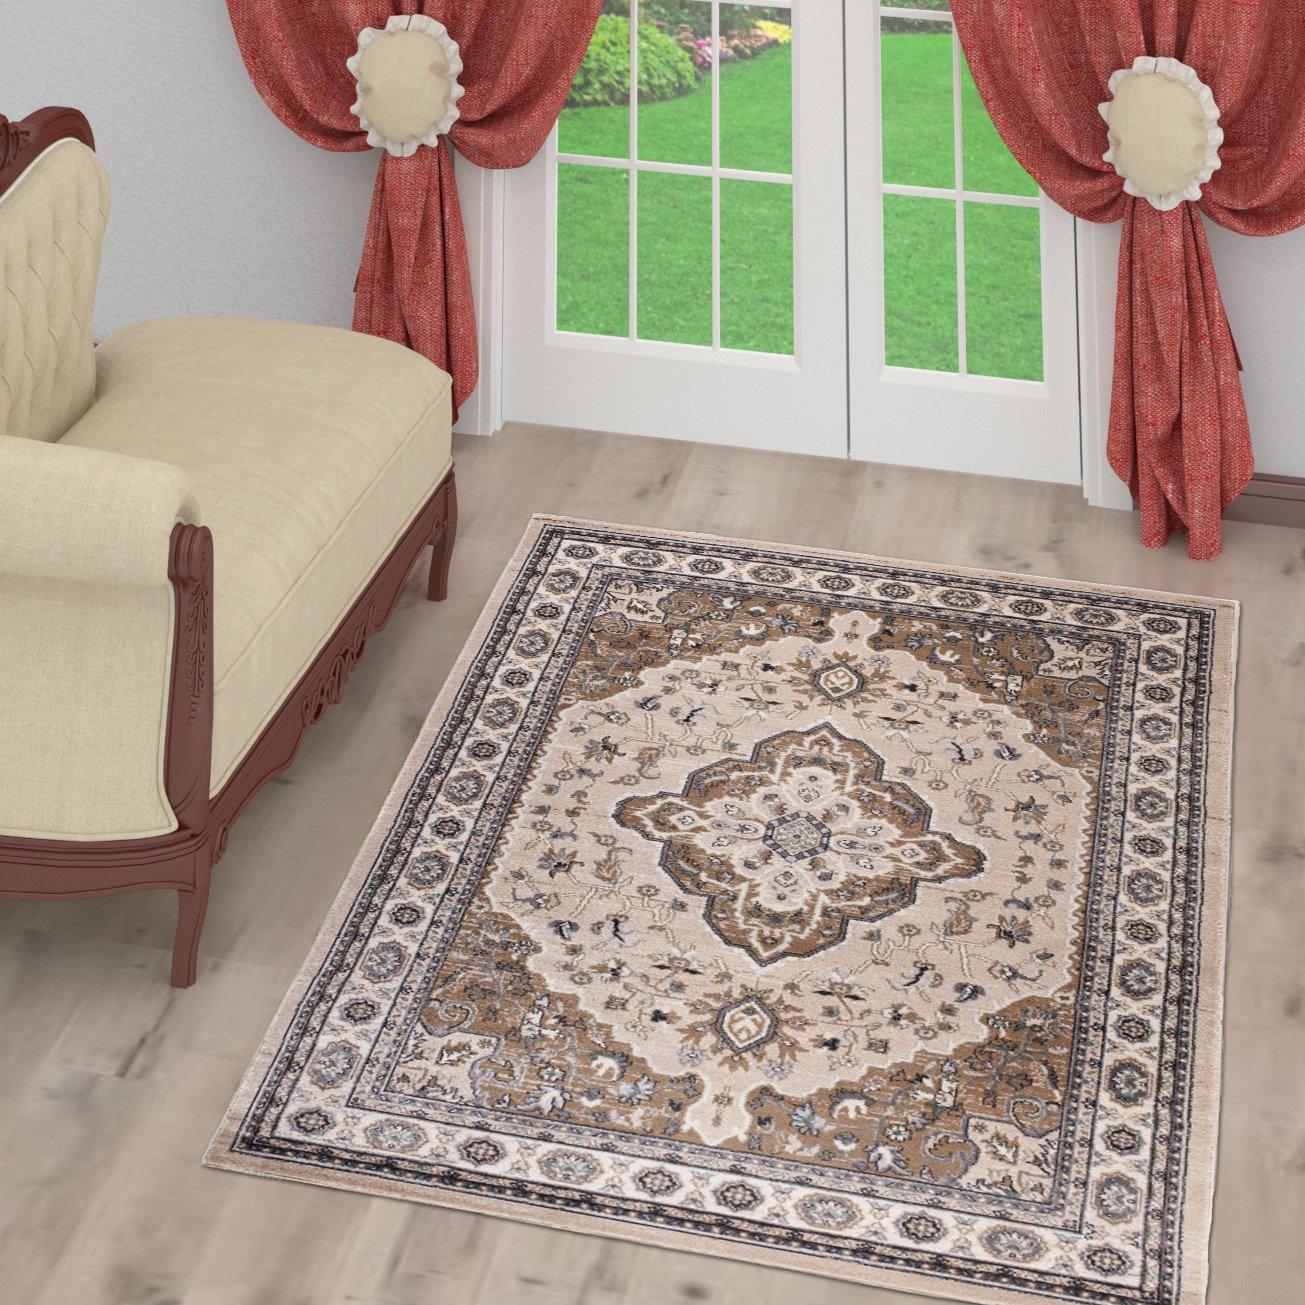 Tapiso Farbeado Teppich Wohnzimmer Kurzflor Klassisch Orientalisch